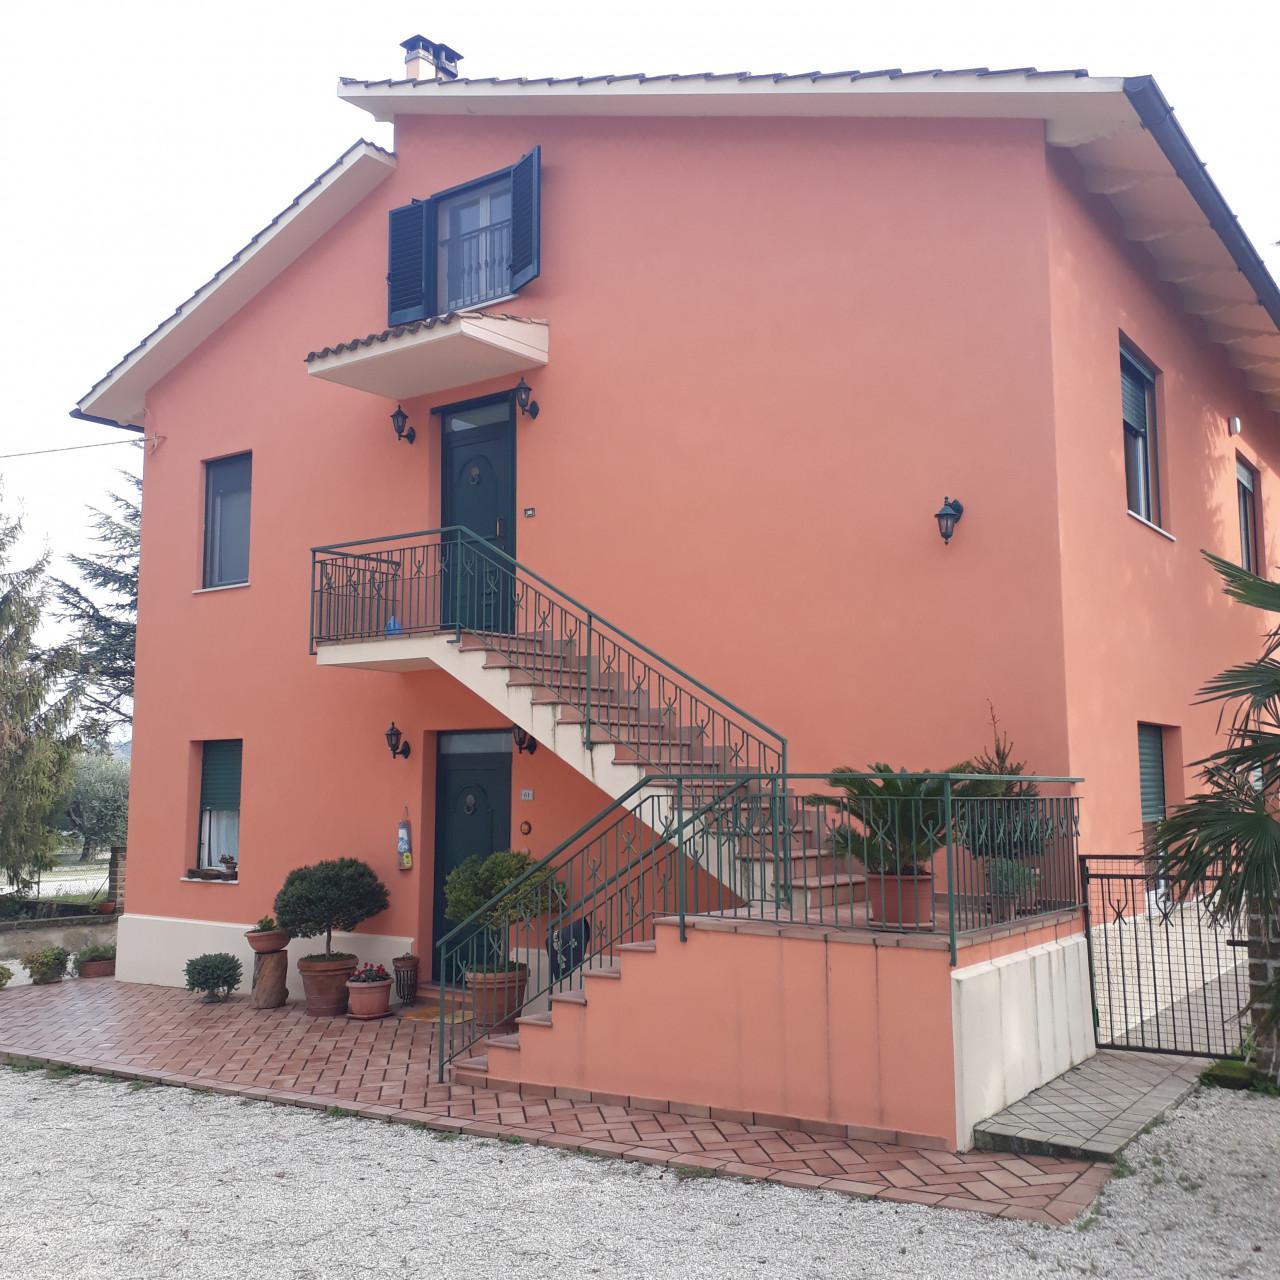 S714 Osimo vendiamo soluzione in bifamiliare, ampio giardino/corte